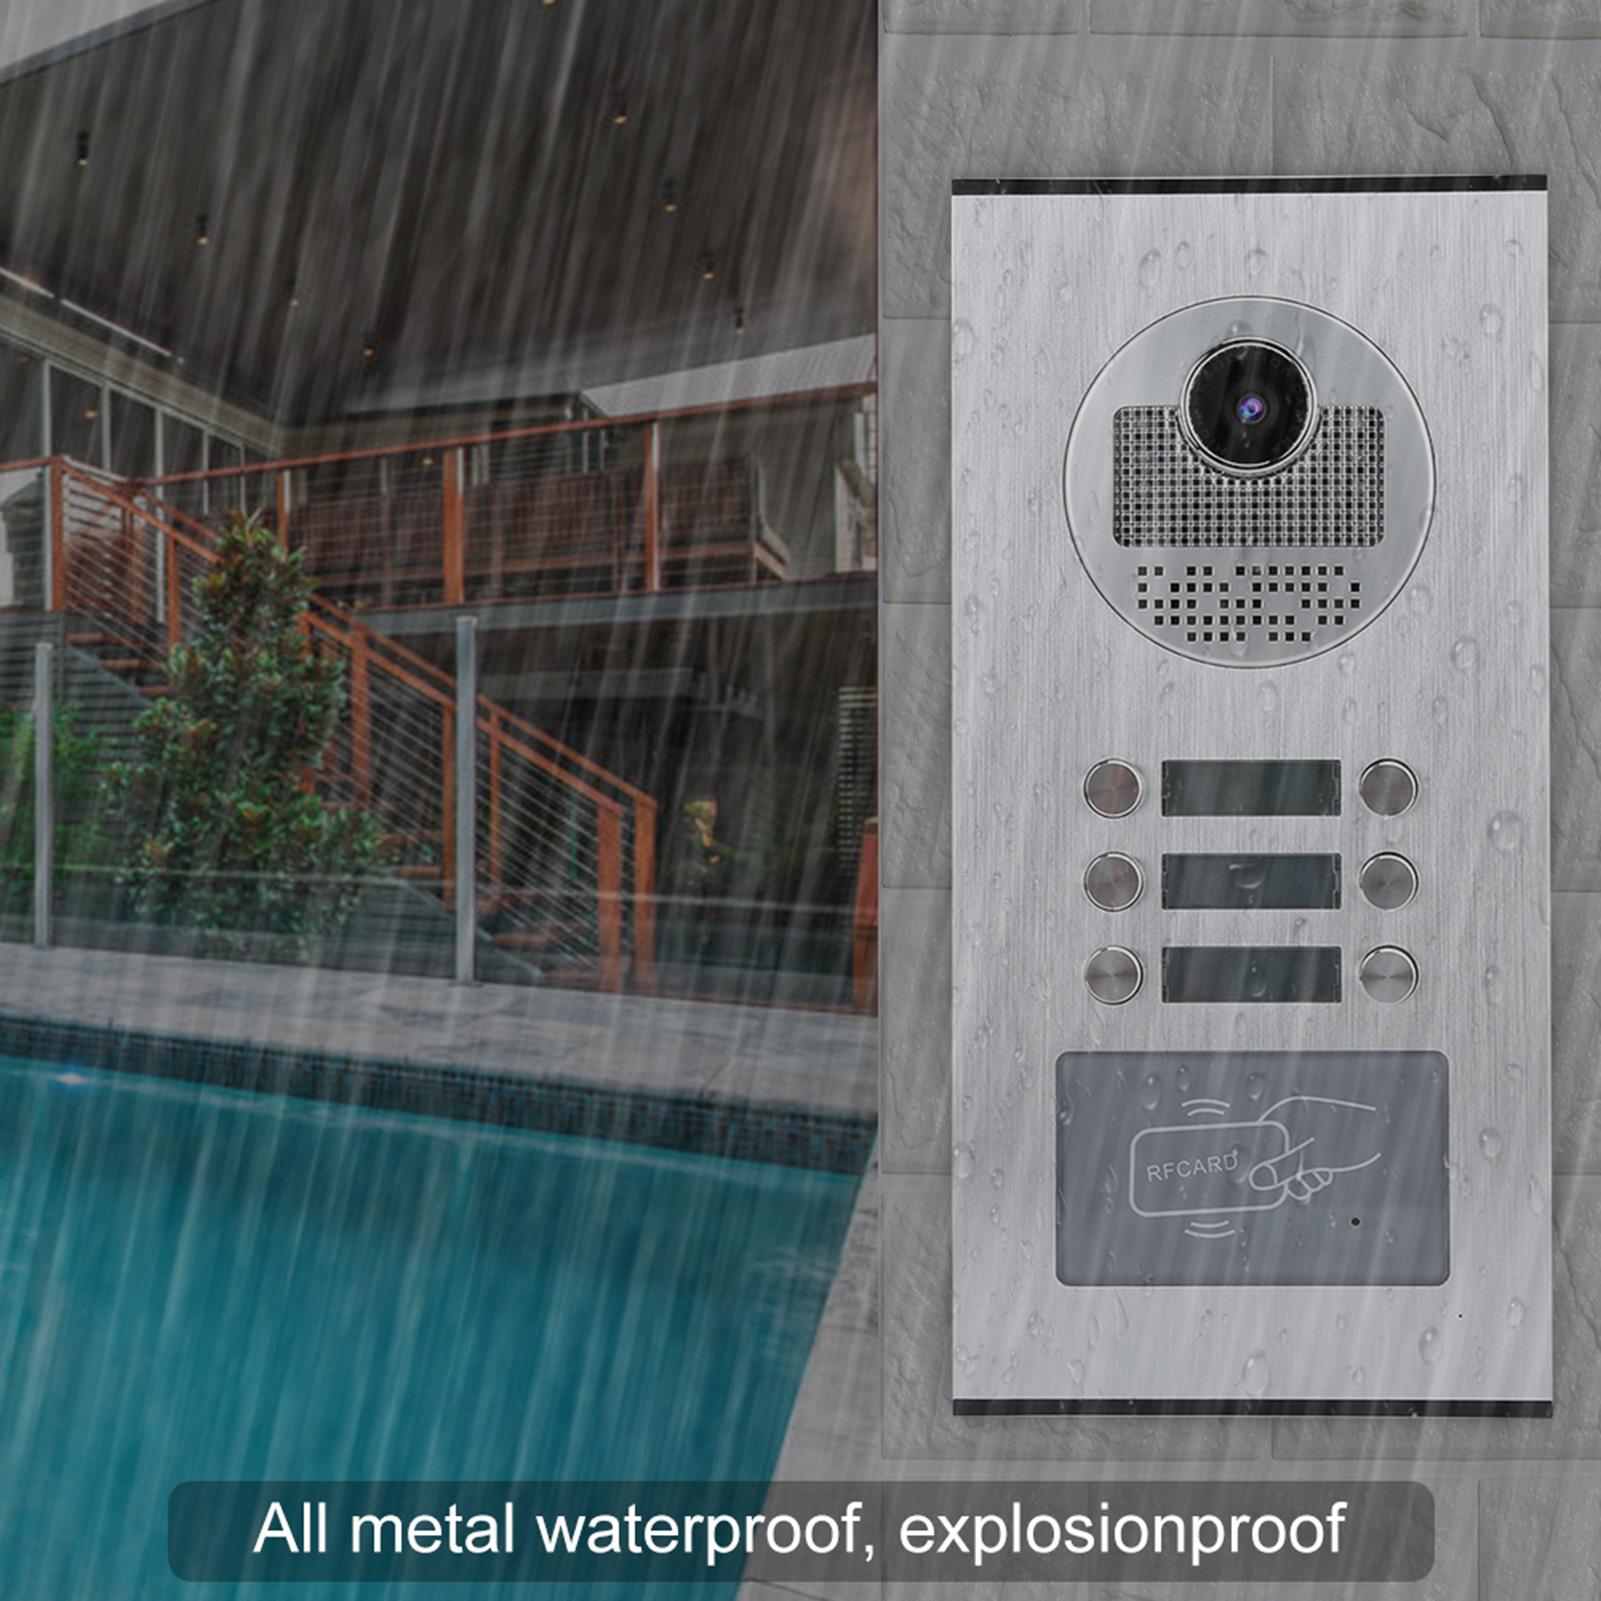 Audio-Intercom-Doorbell-7in-TFT-LCD-Video-Camera-Outdoor-Night-View-Waterproof miniature 17